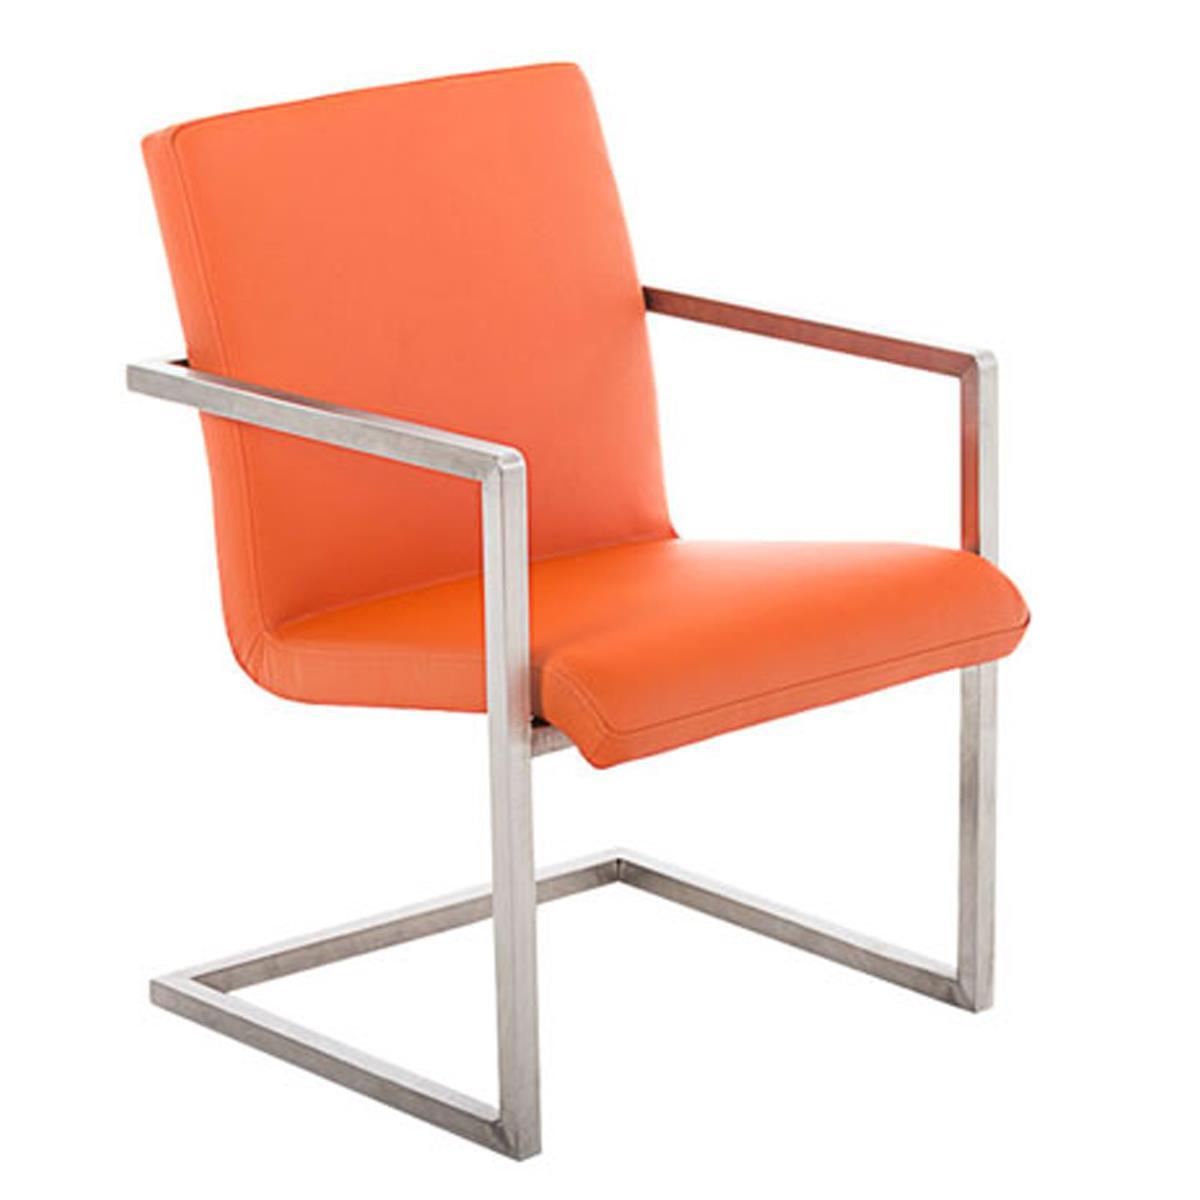 Sedie Per Sala D Attesa.Sedia Per Sala D Attesa Owen Design Fresco E Moderno